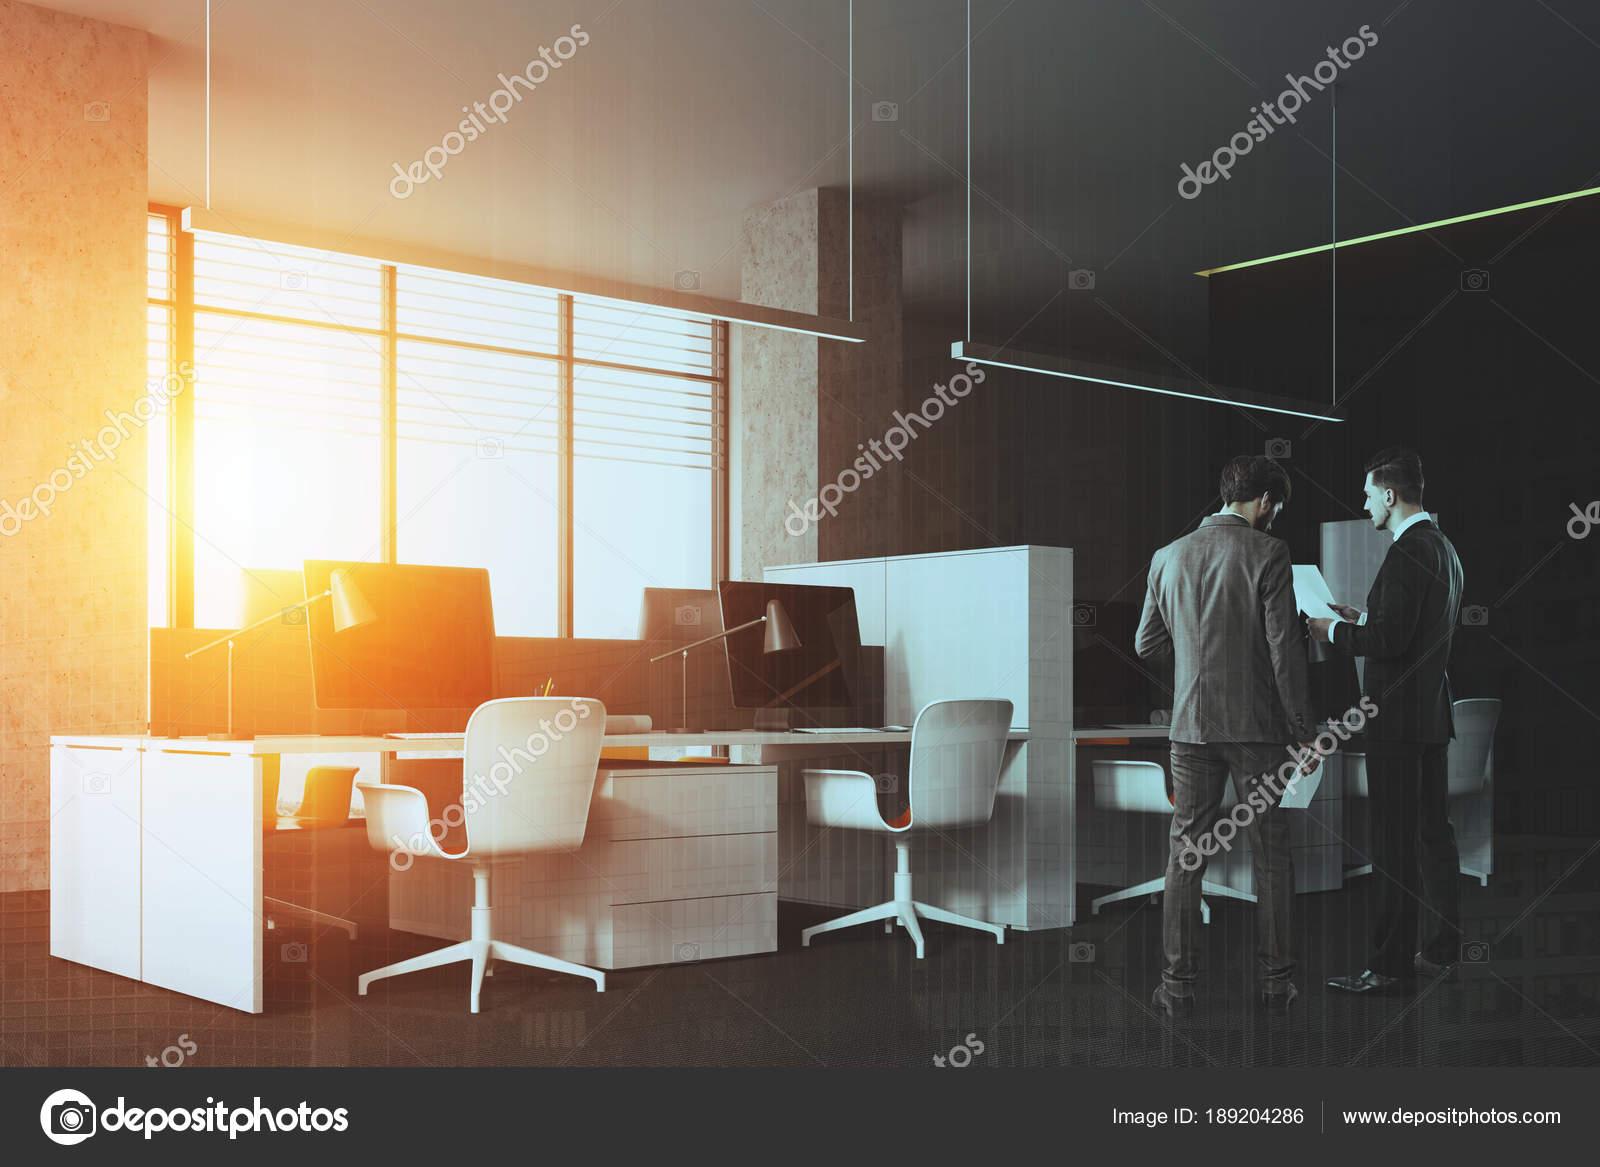 Ufficio Pavimento Grigio : Ufficio open space grigio pareti vista laterale tonica u foto